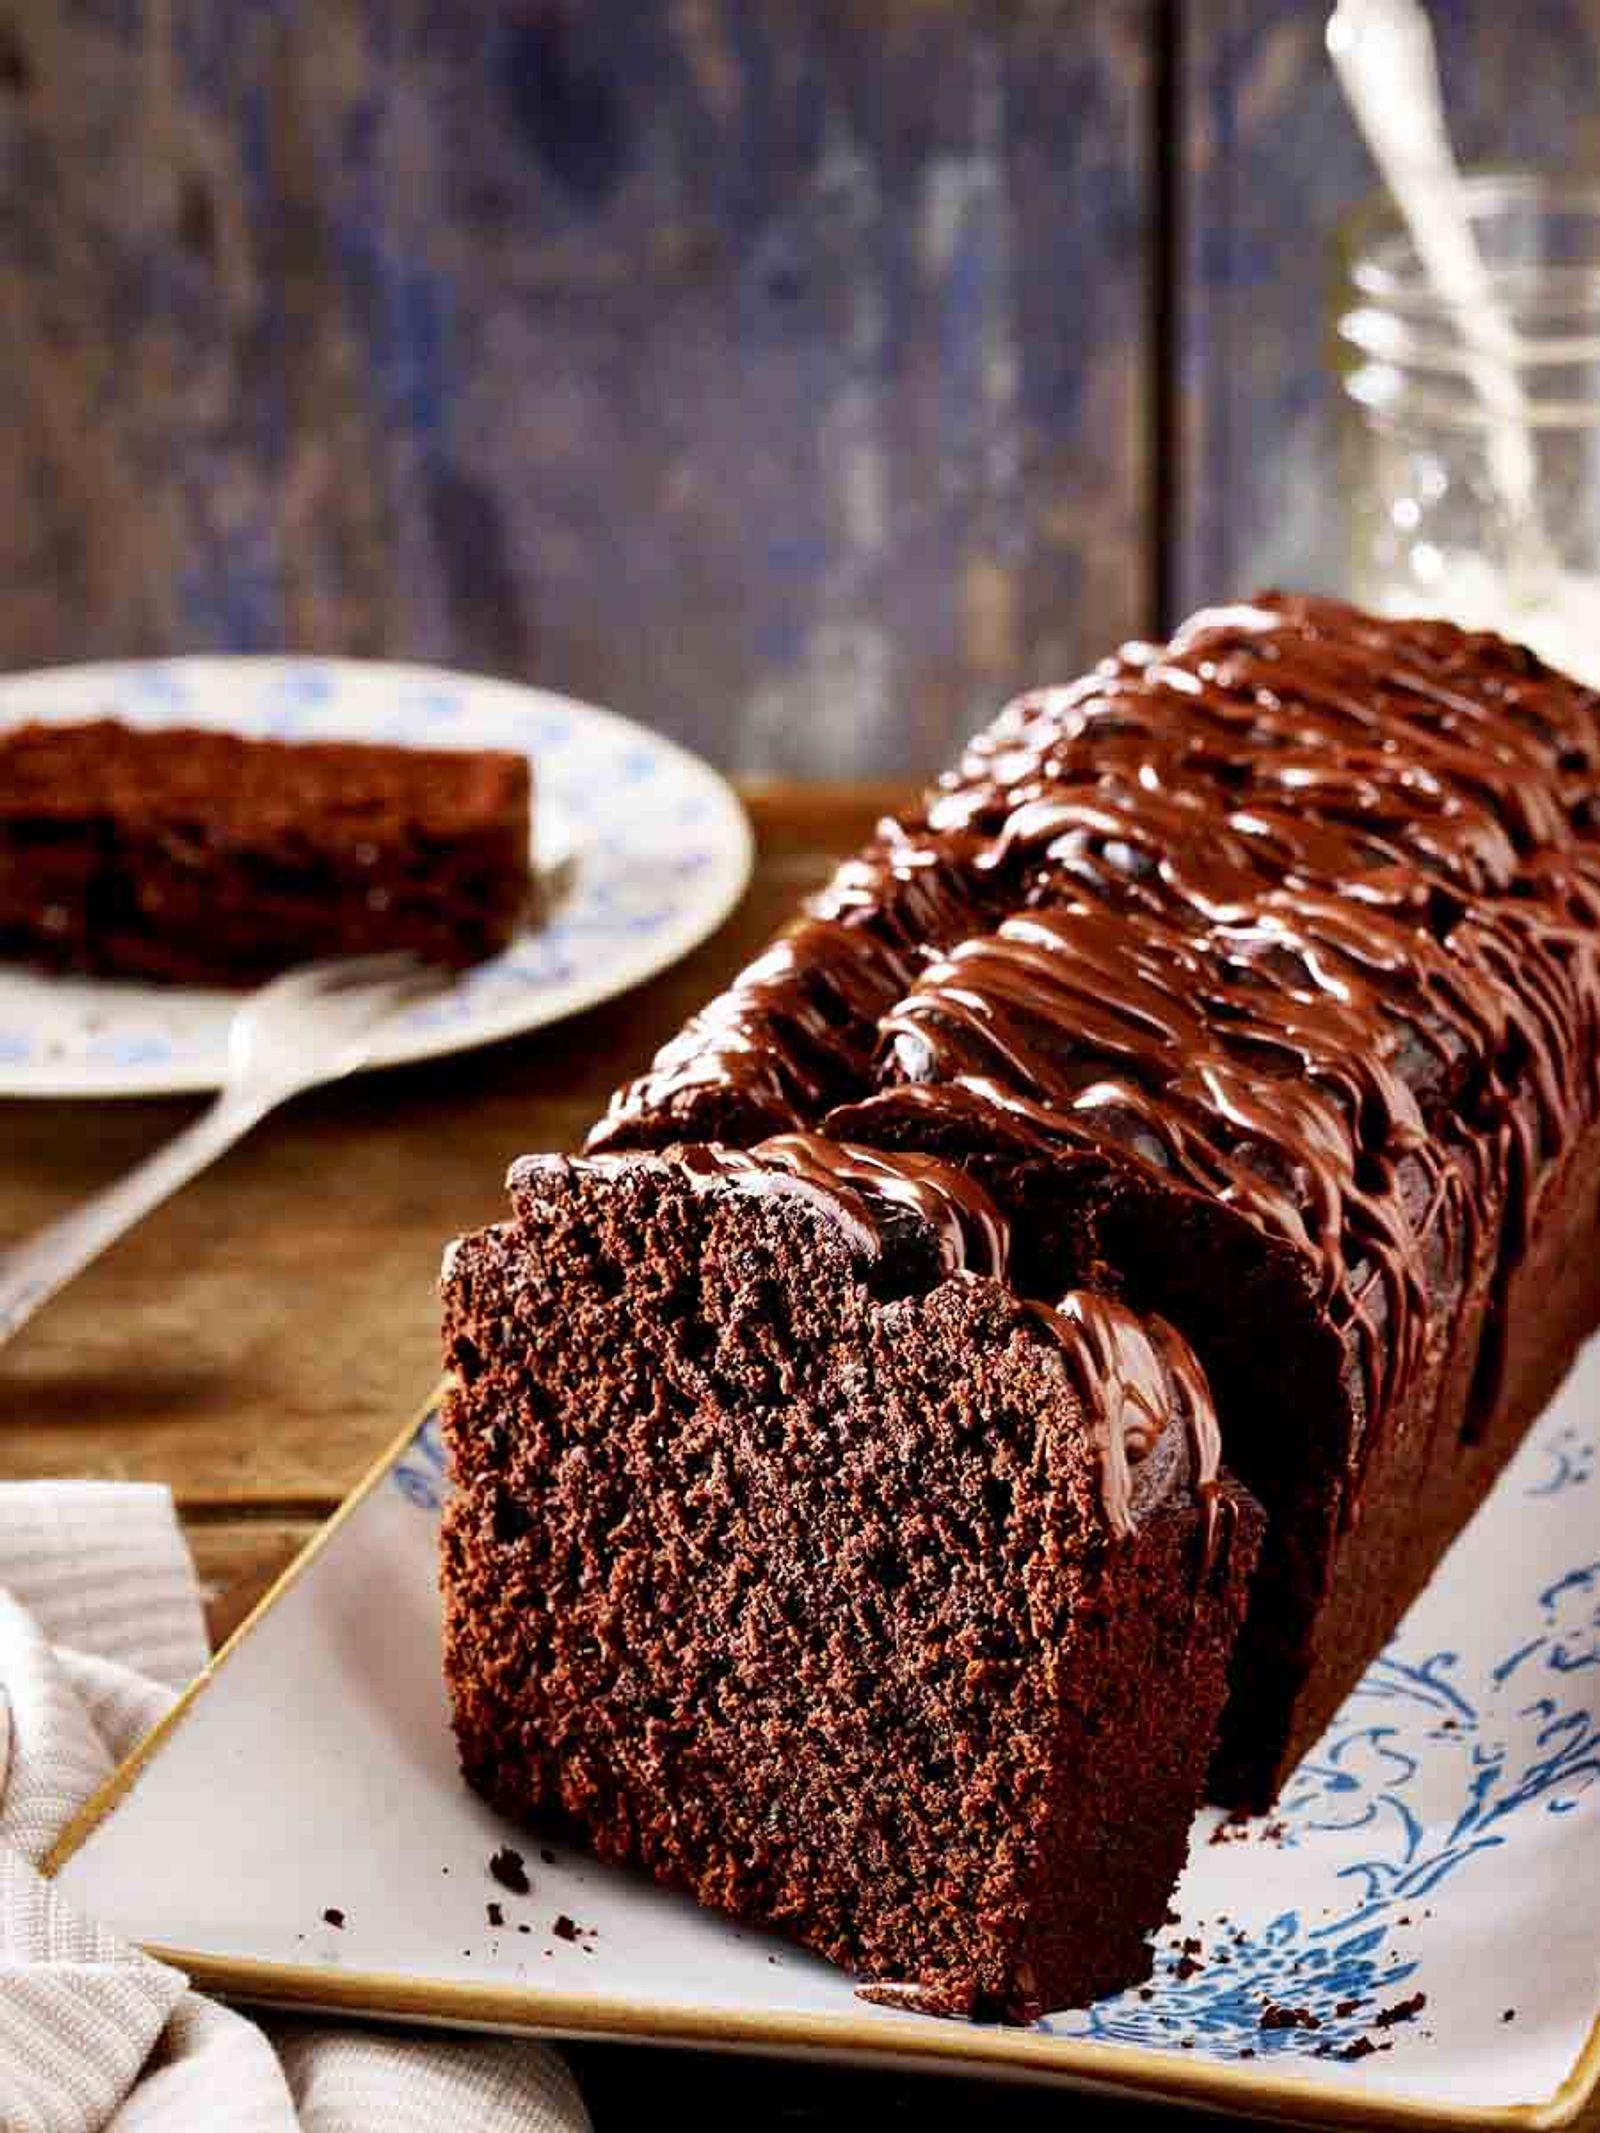 Öl saftiger kuchen mit Saftiger Kuchen